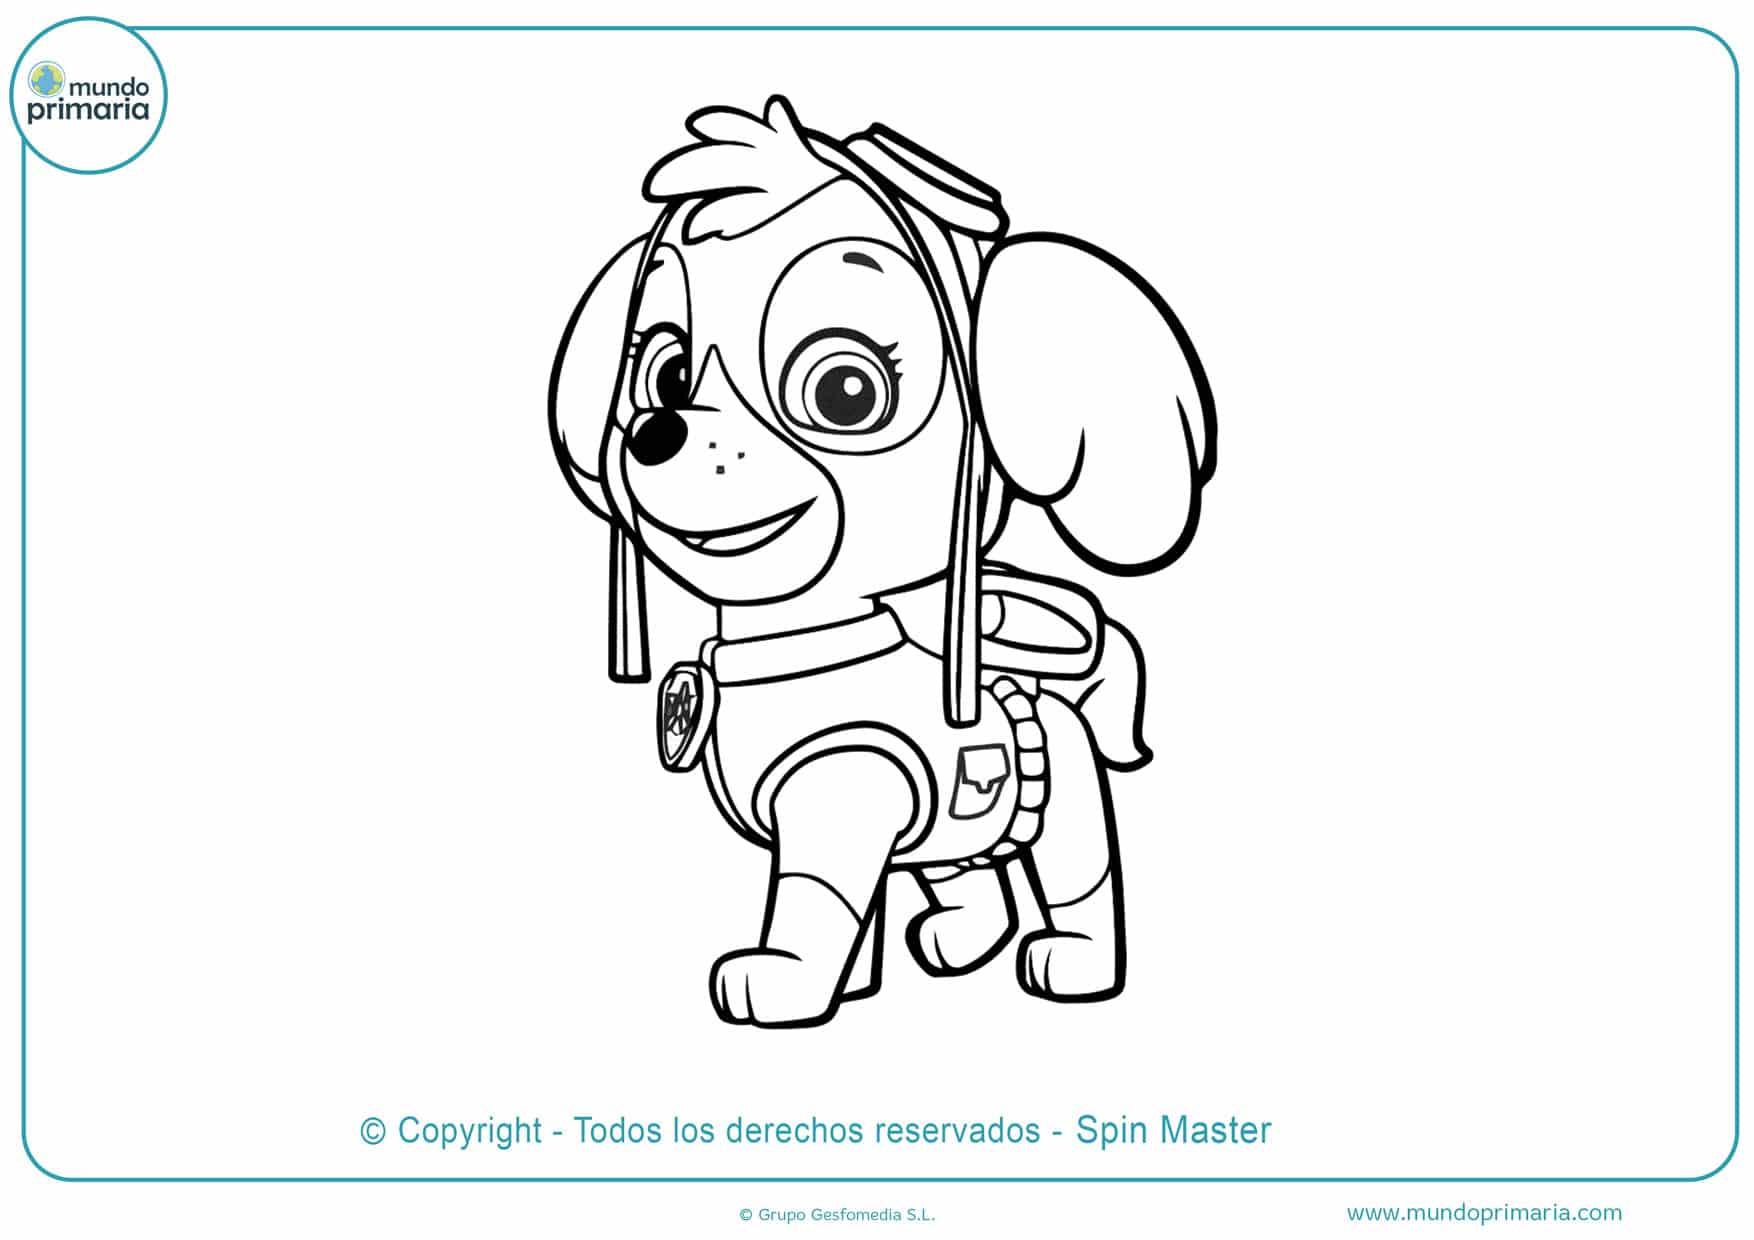 imagenes de dibujos para colorear de la patrulla canina